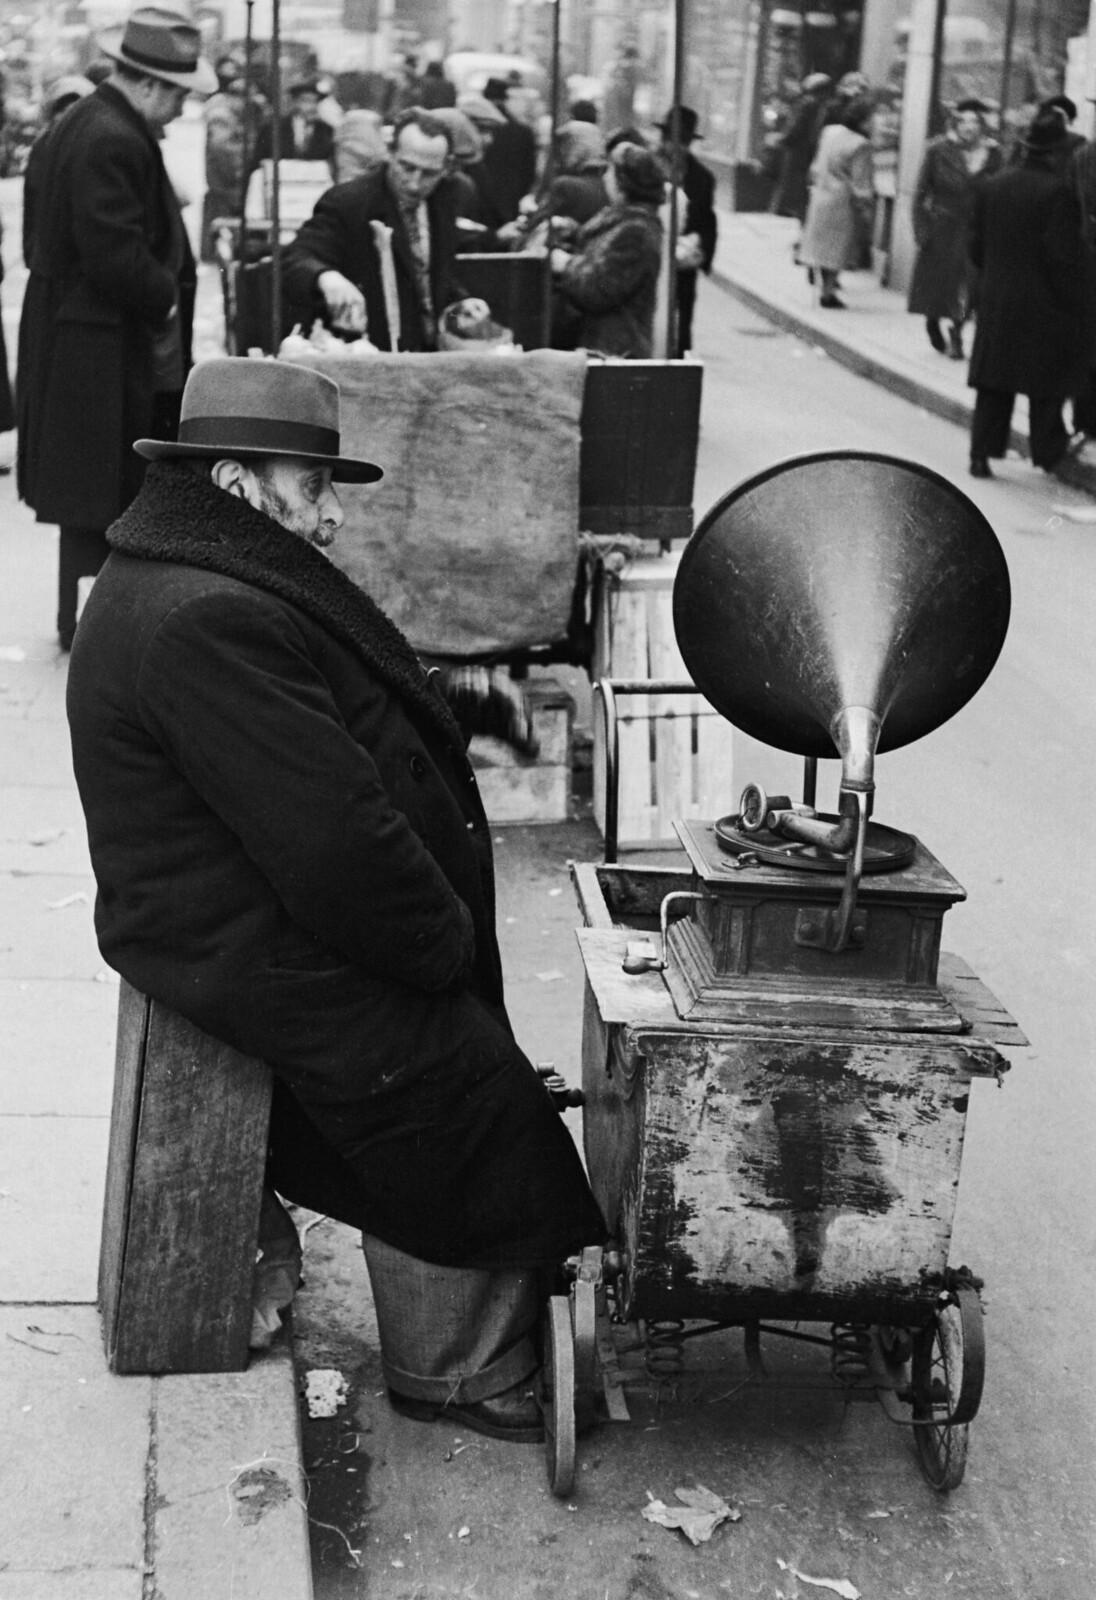 04. Еврей с граммофоном на колесах на уличном рынке в Уайтчепеле. Мужчина проигрывает старые пластинки, которые привез с собой из России, и собирает деньги в пользу беженцев в Израиль